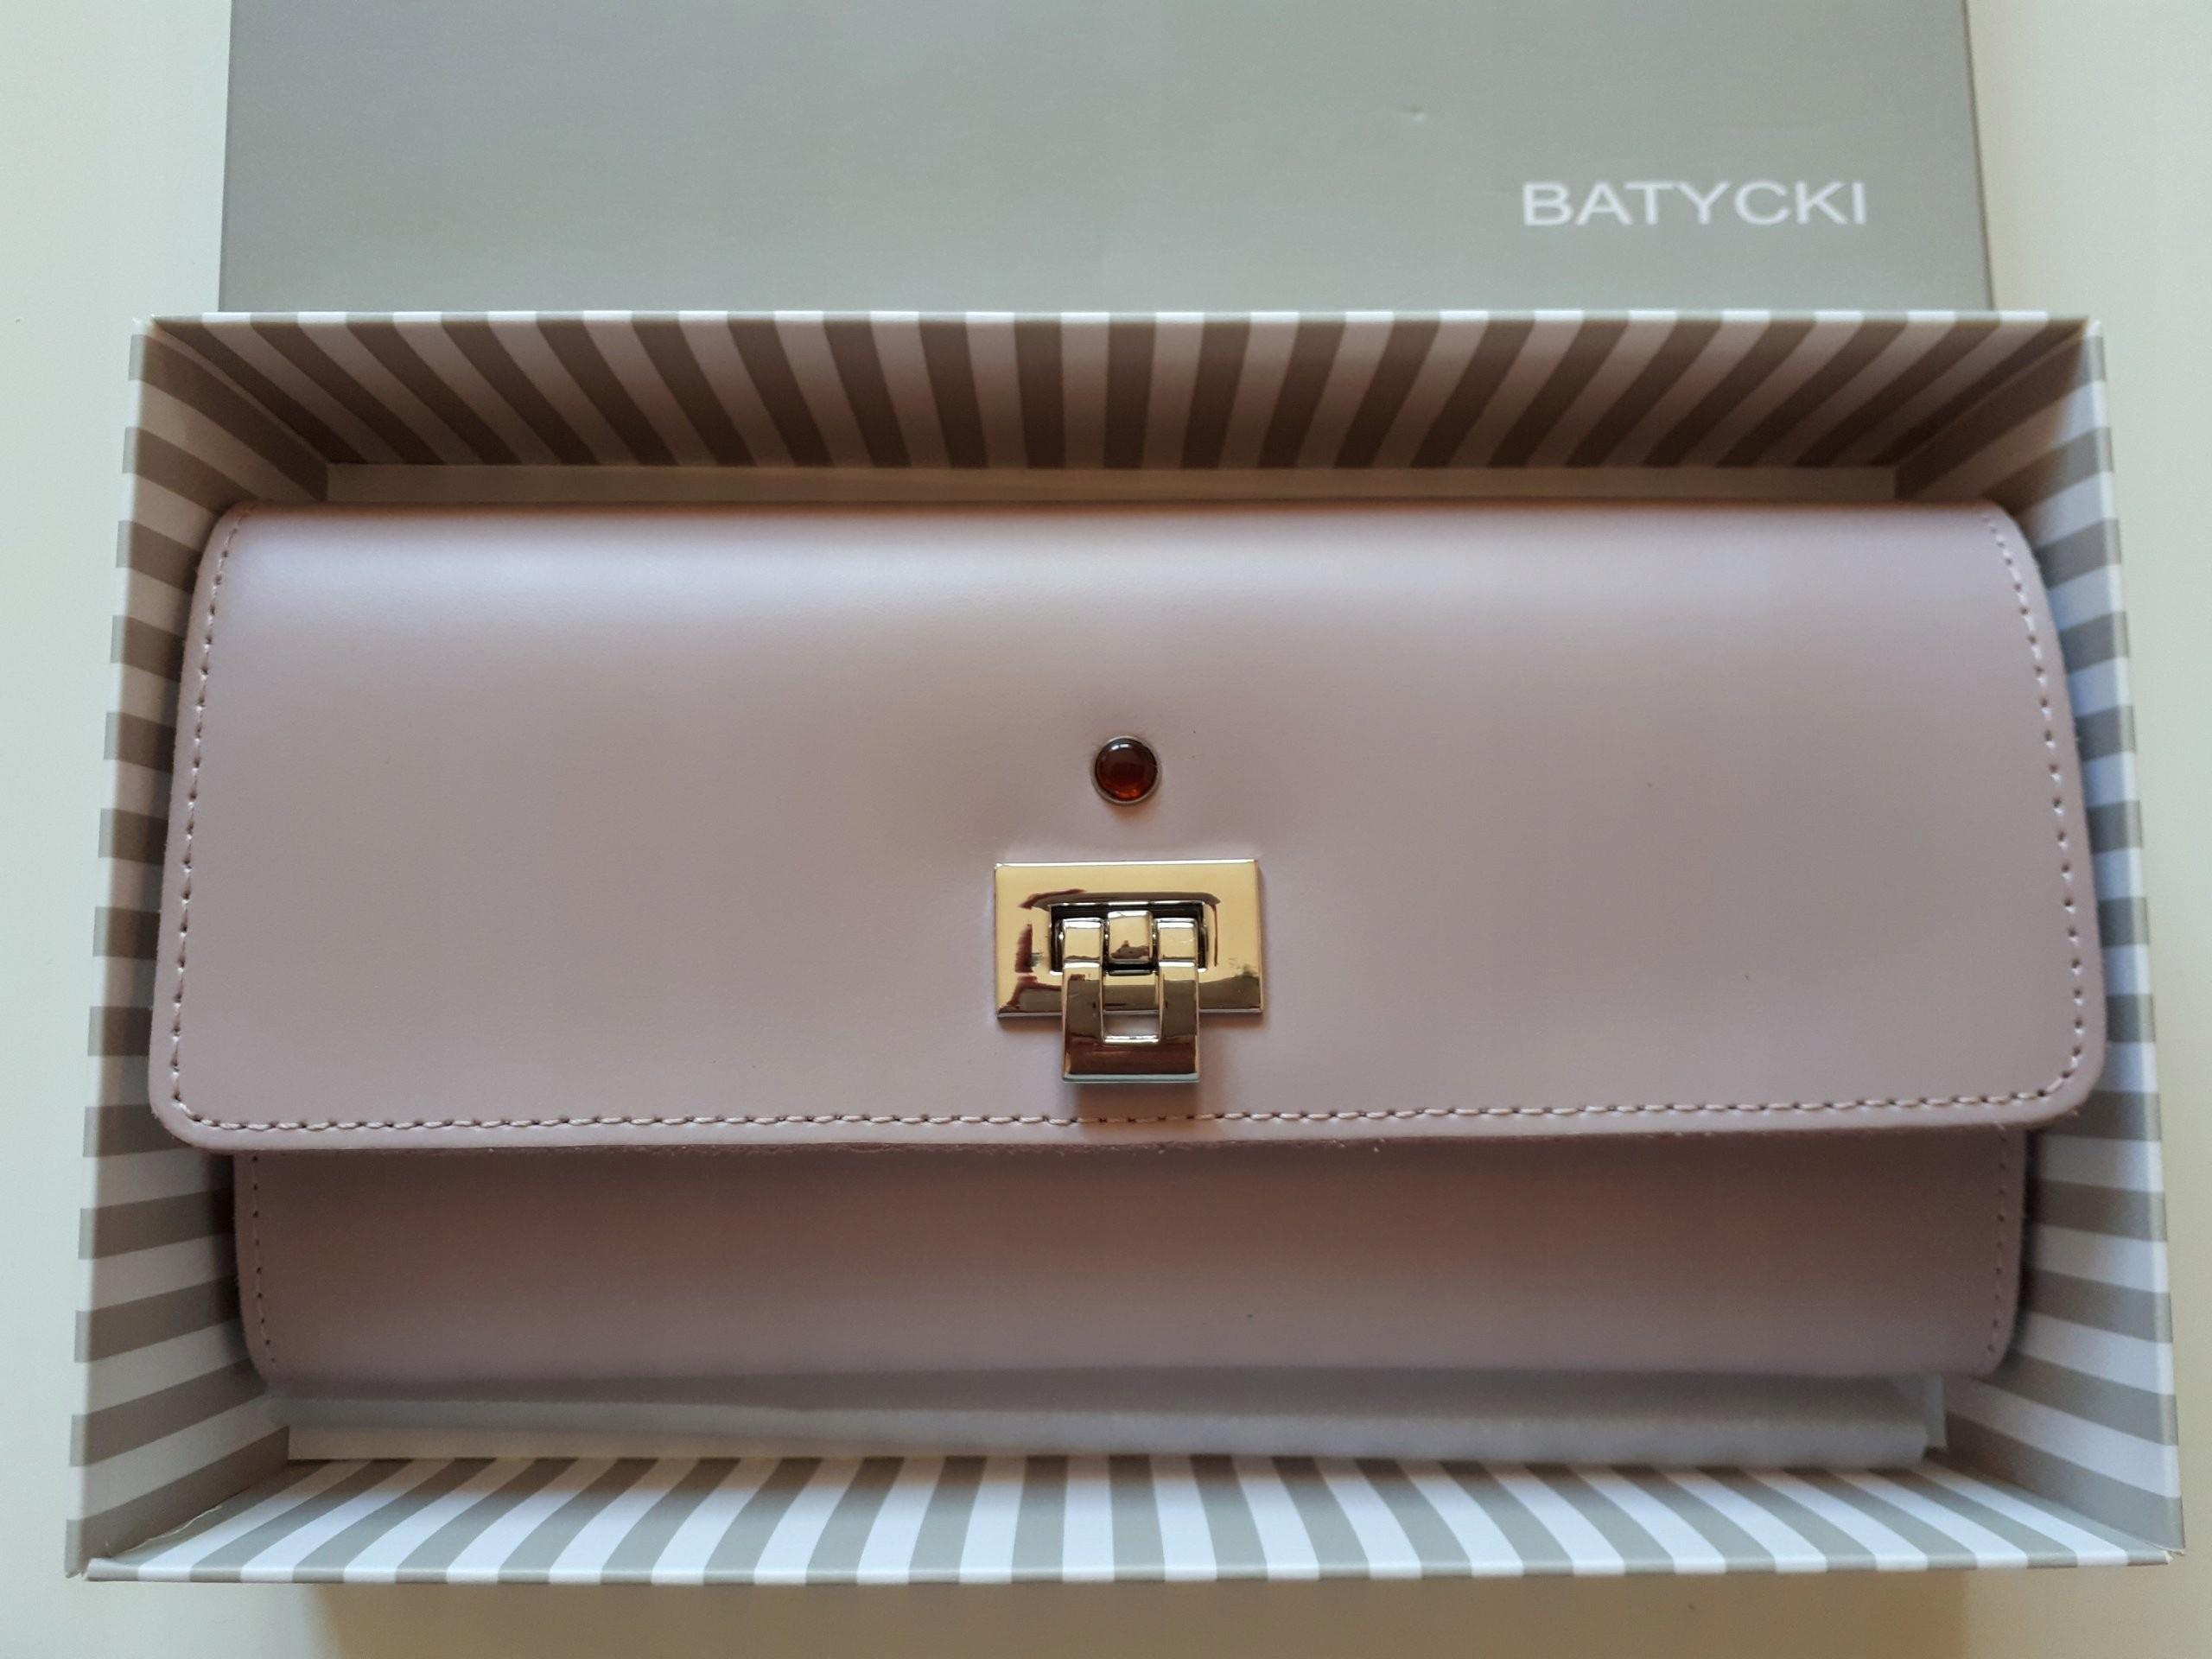 75d4c4376b7f1 Batycki portfel Duży skóra Nowy piękny - 7421159792 - oficjalne ...